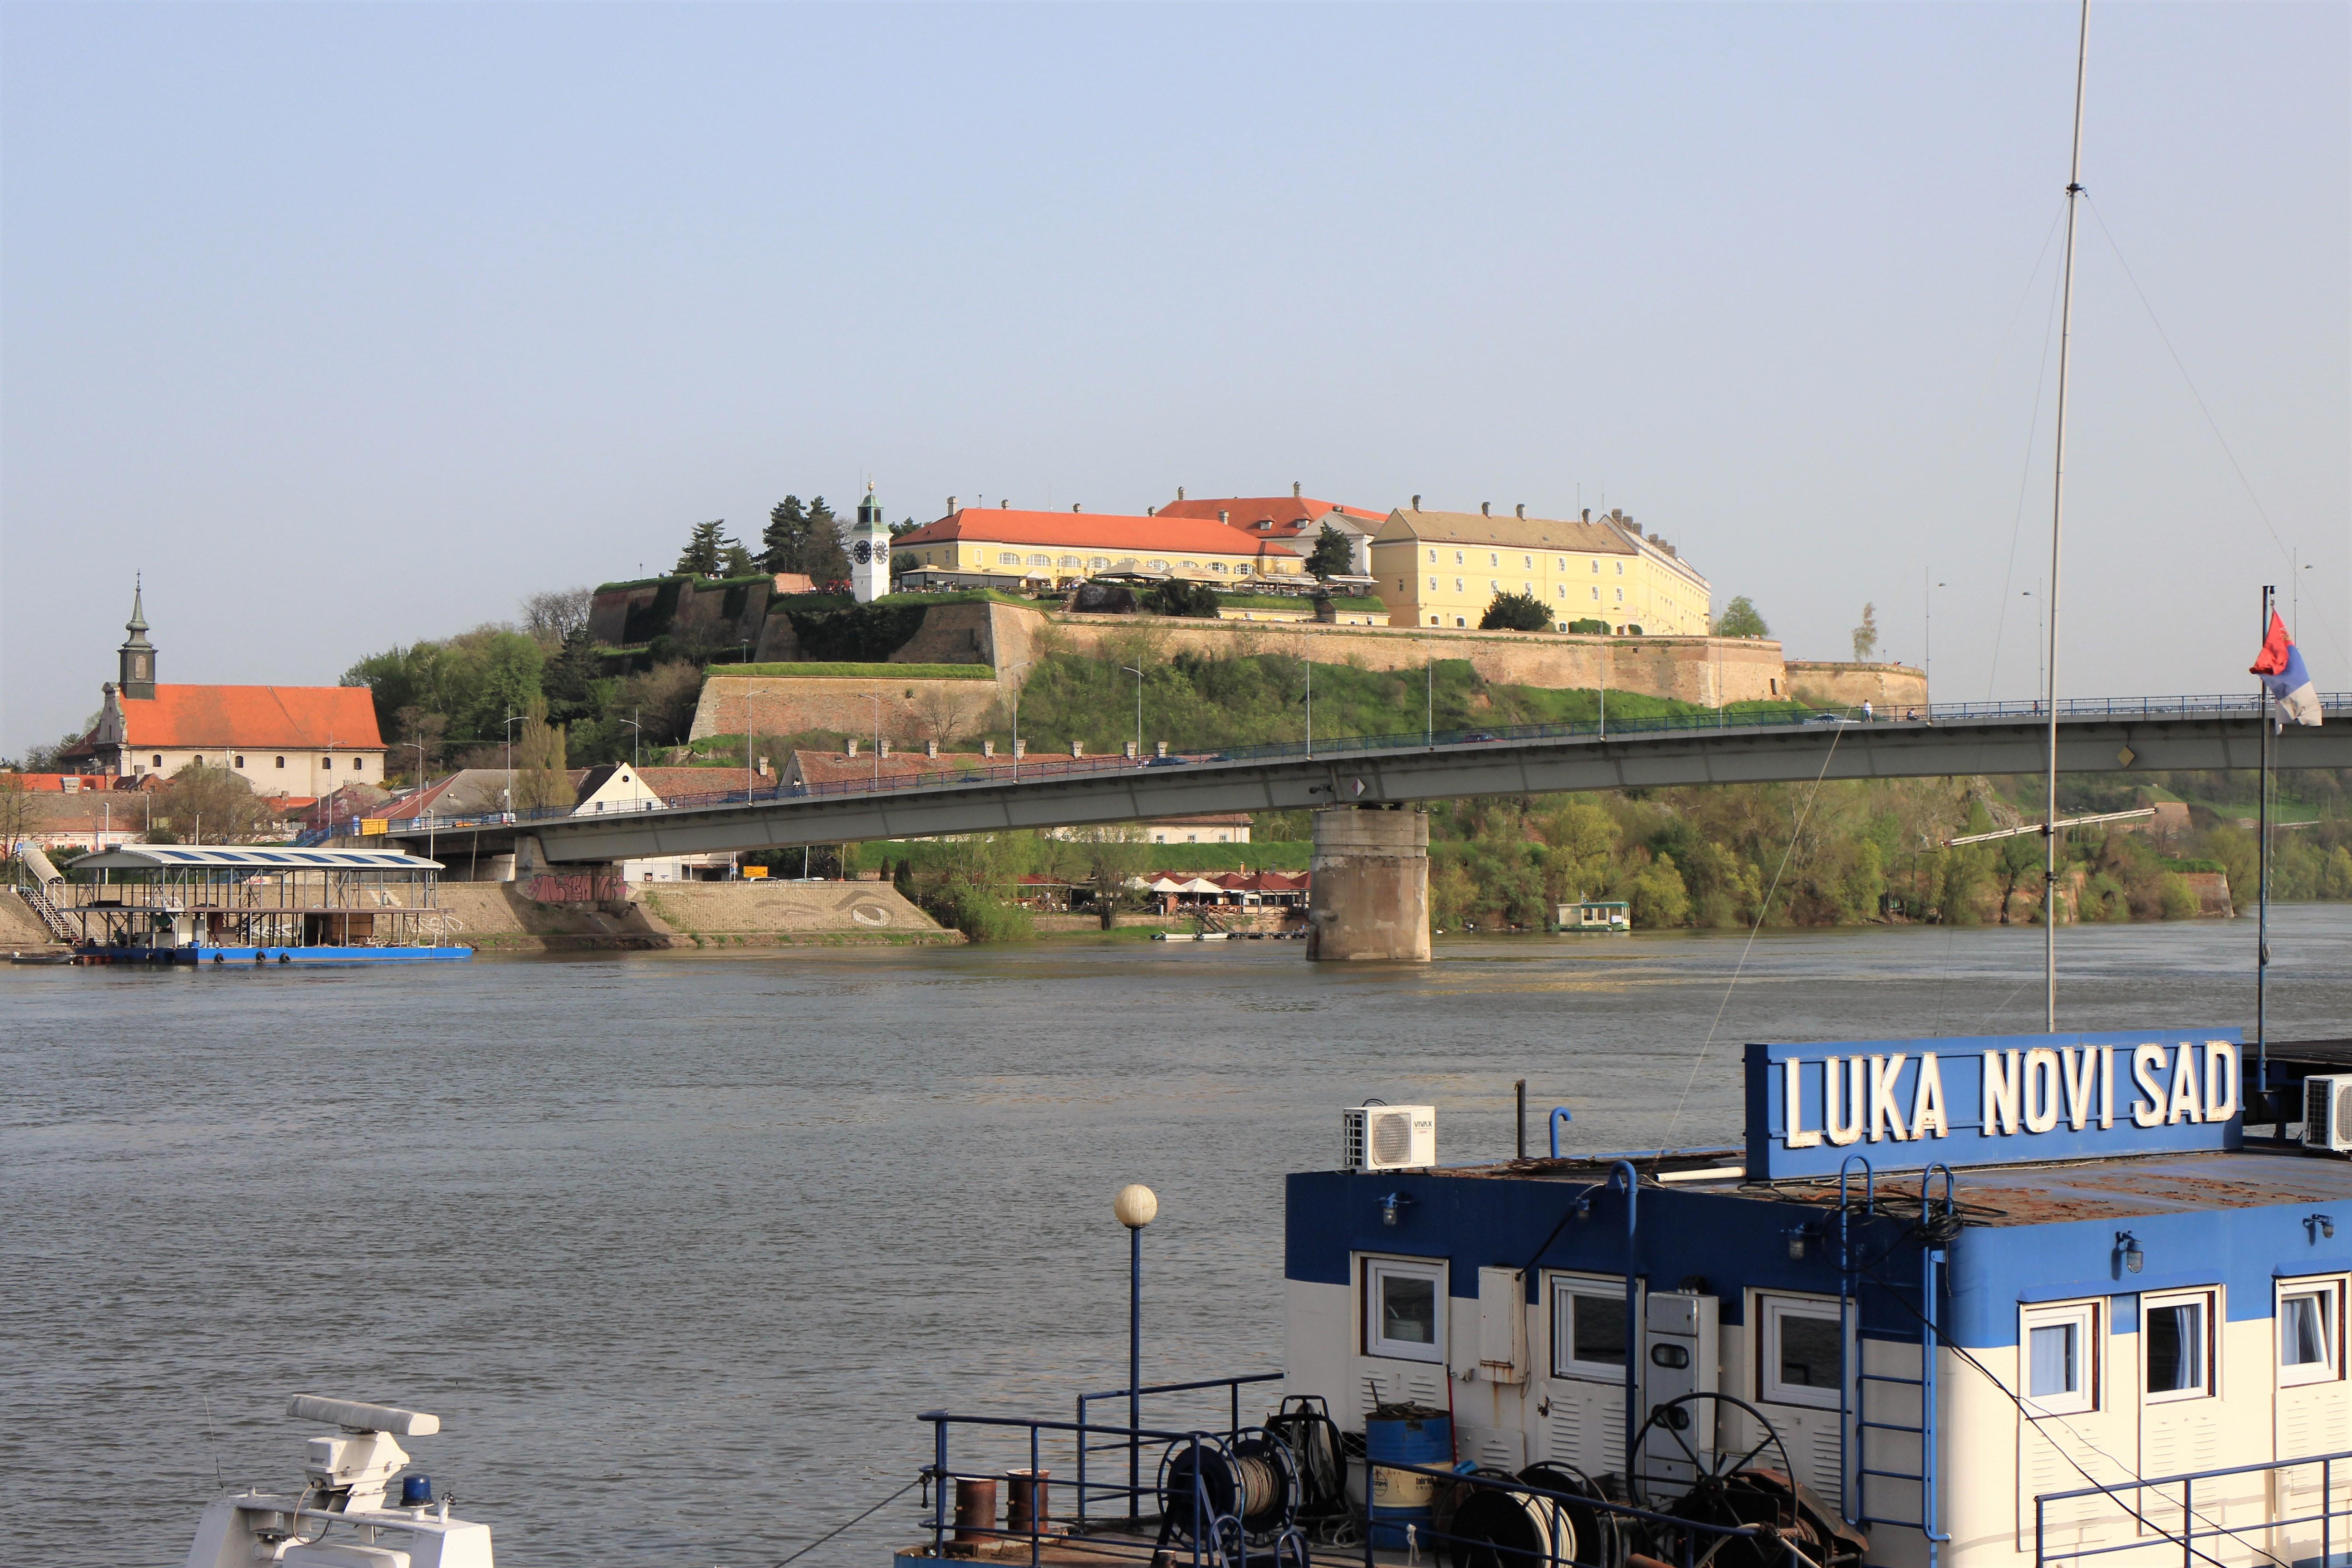 Incontri Novi Sad